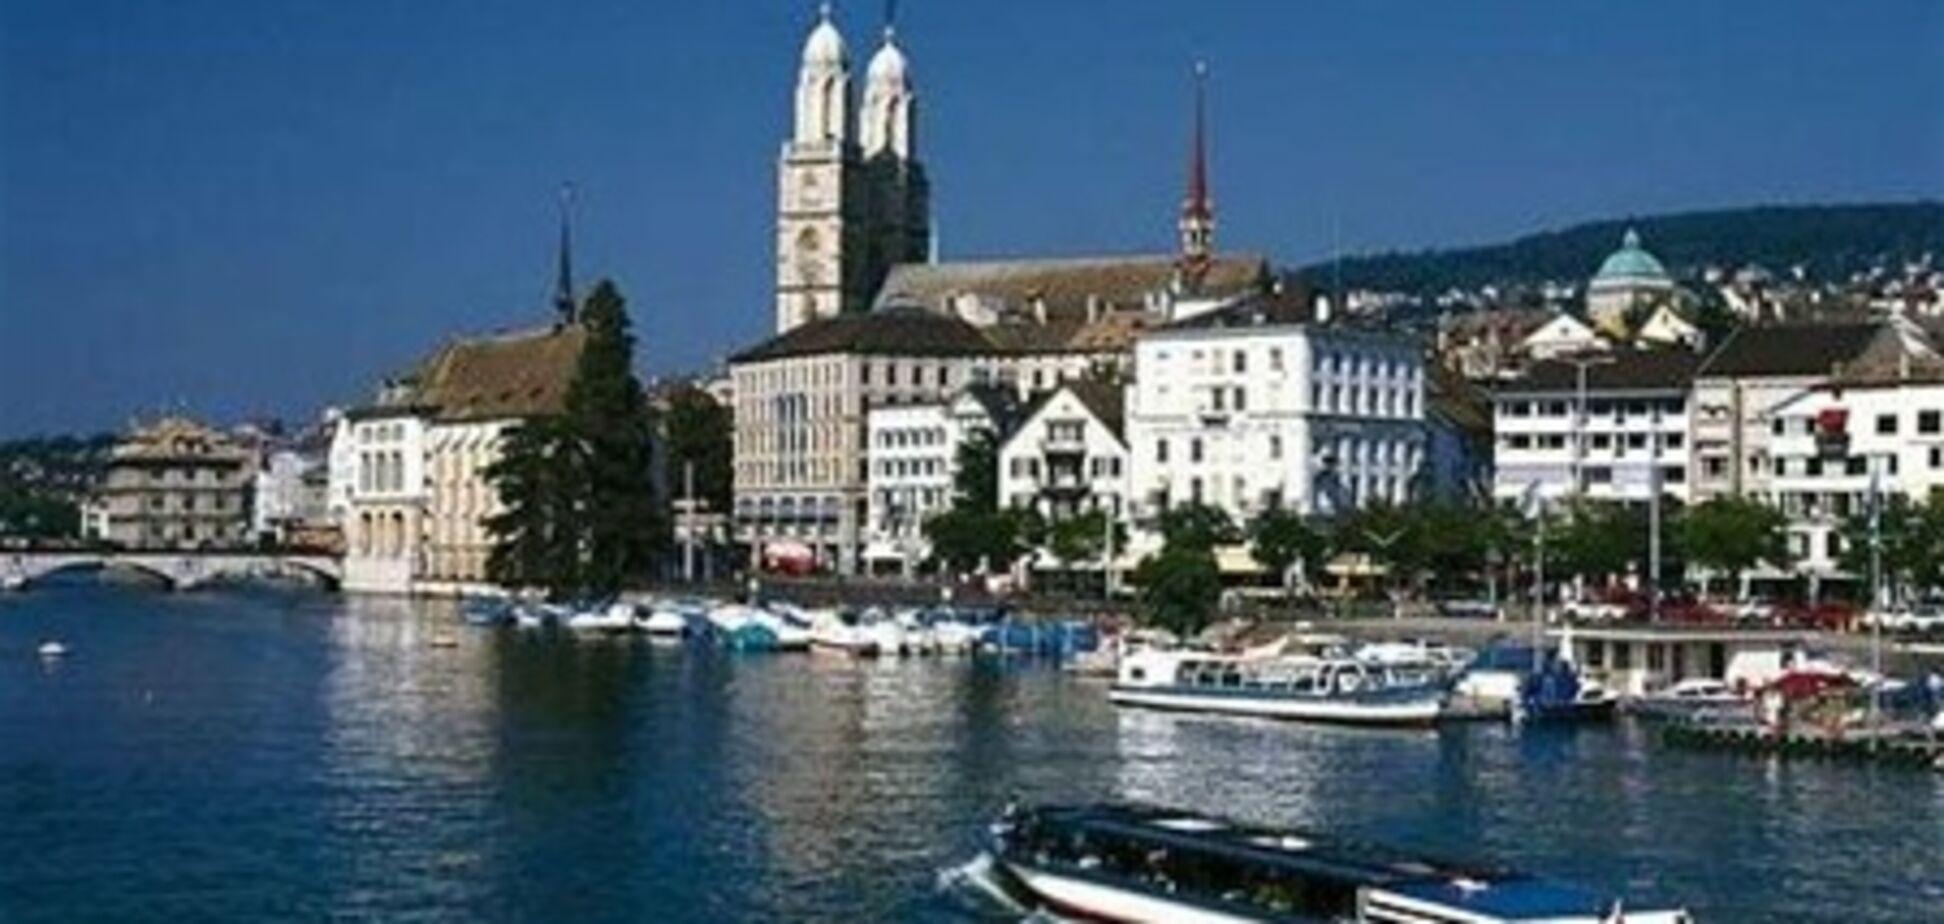 Аренда «однушки» в Цюрихе стоит 7120 гривен